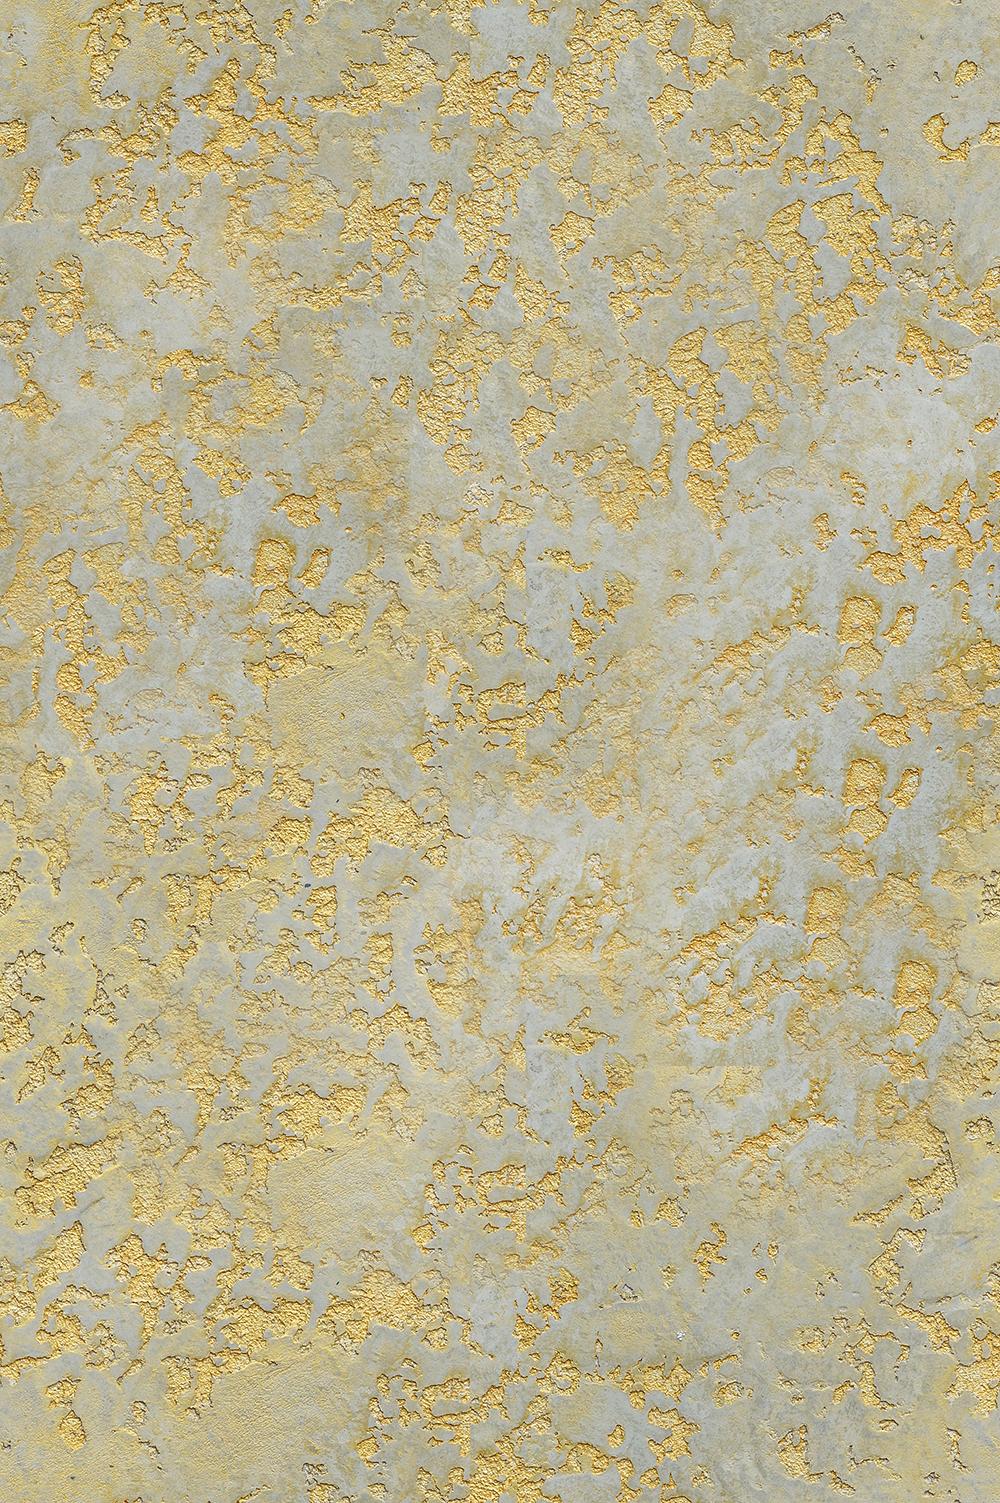 DSC_6269_Мистеро_Античная стена